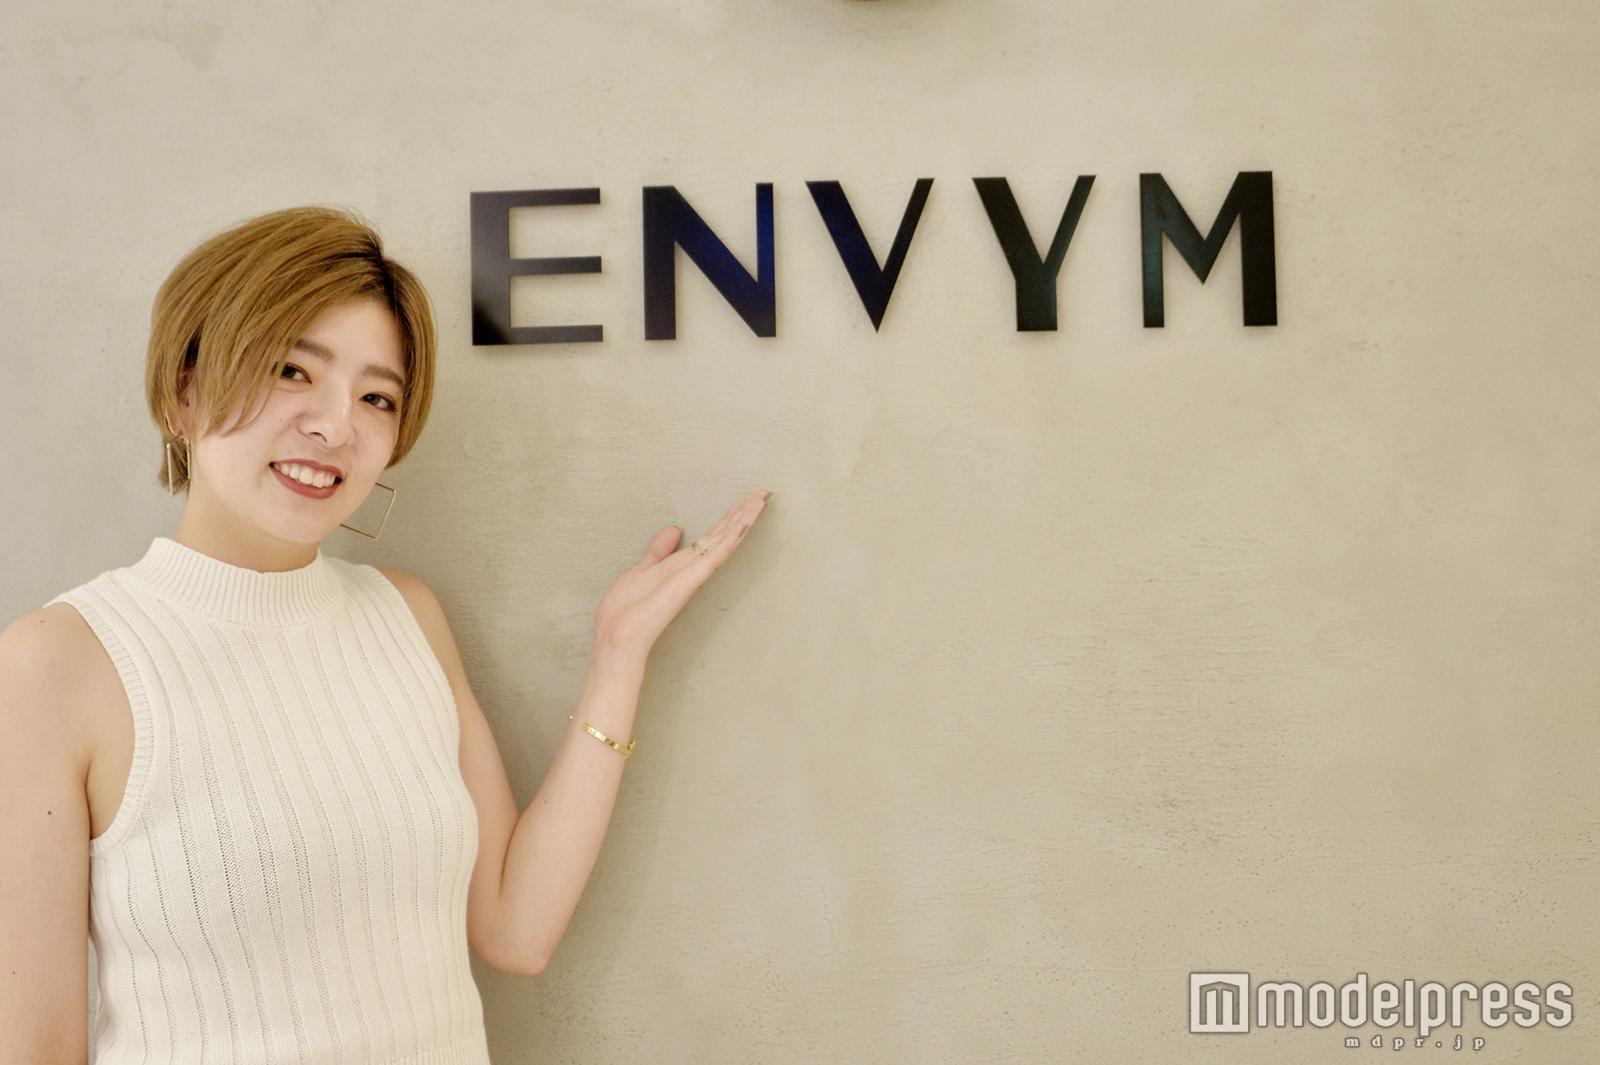 「ENVYM」販売スタッフの関口麗奈さん(C)モデルプレス